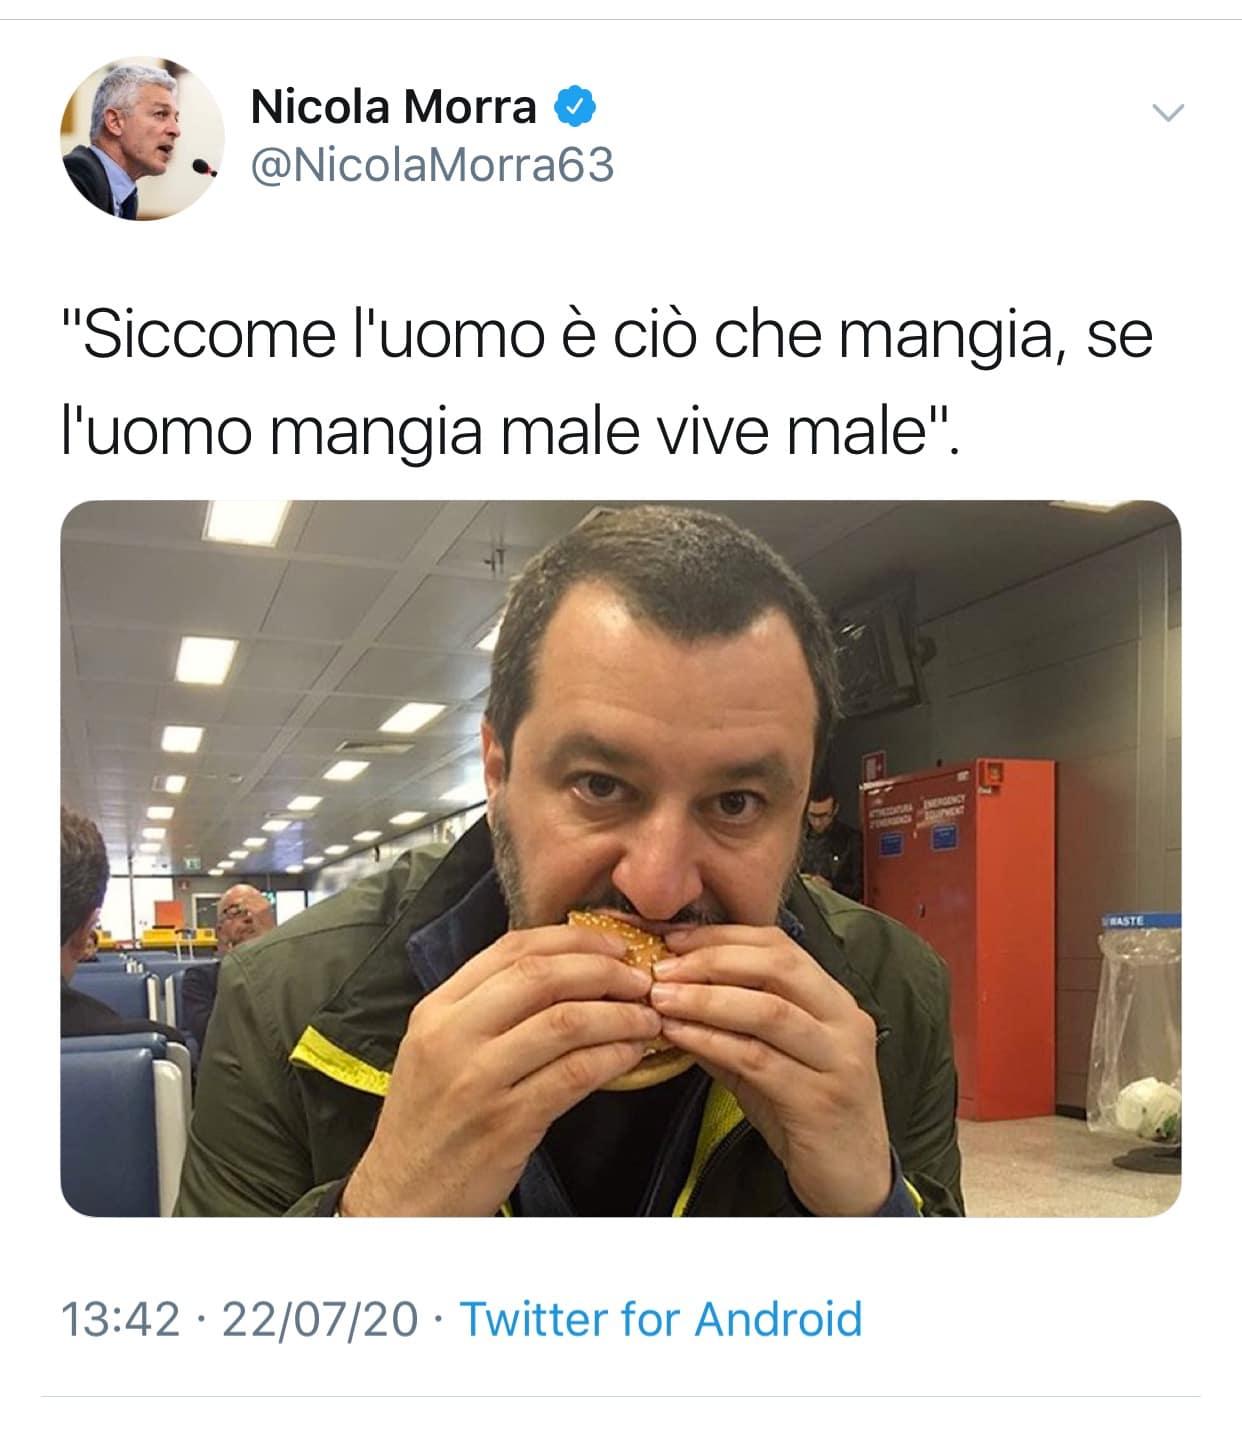 Nicola Morra deride Salvini su Twitter <br> Ma per divertirsi basta ricordare alcune esilaranti gaffe del grillino <br> Eccone qualcuna